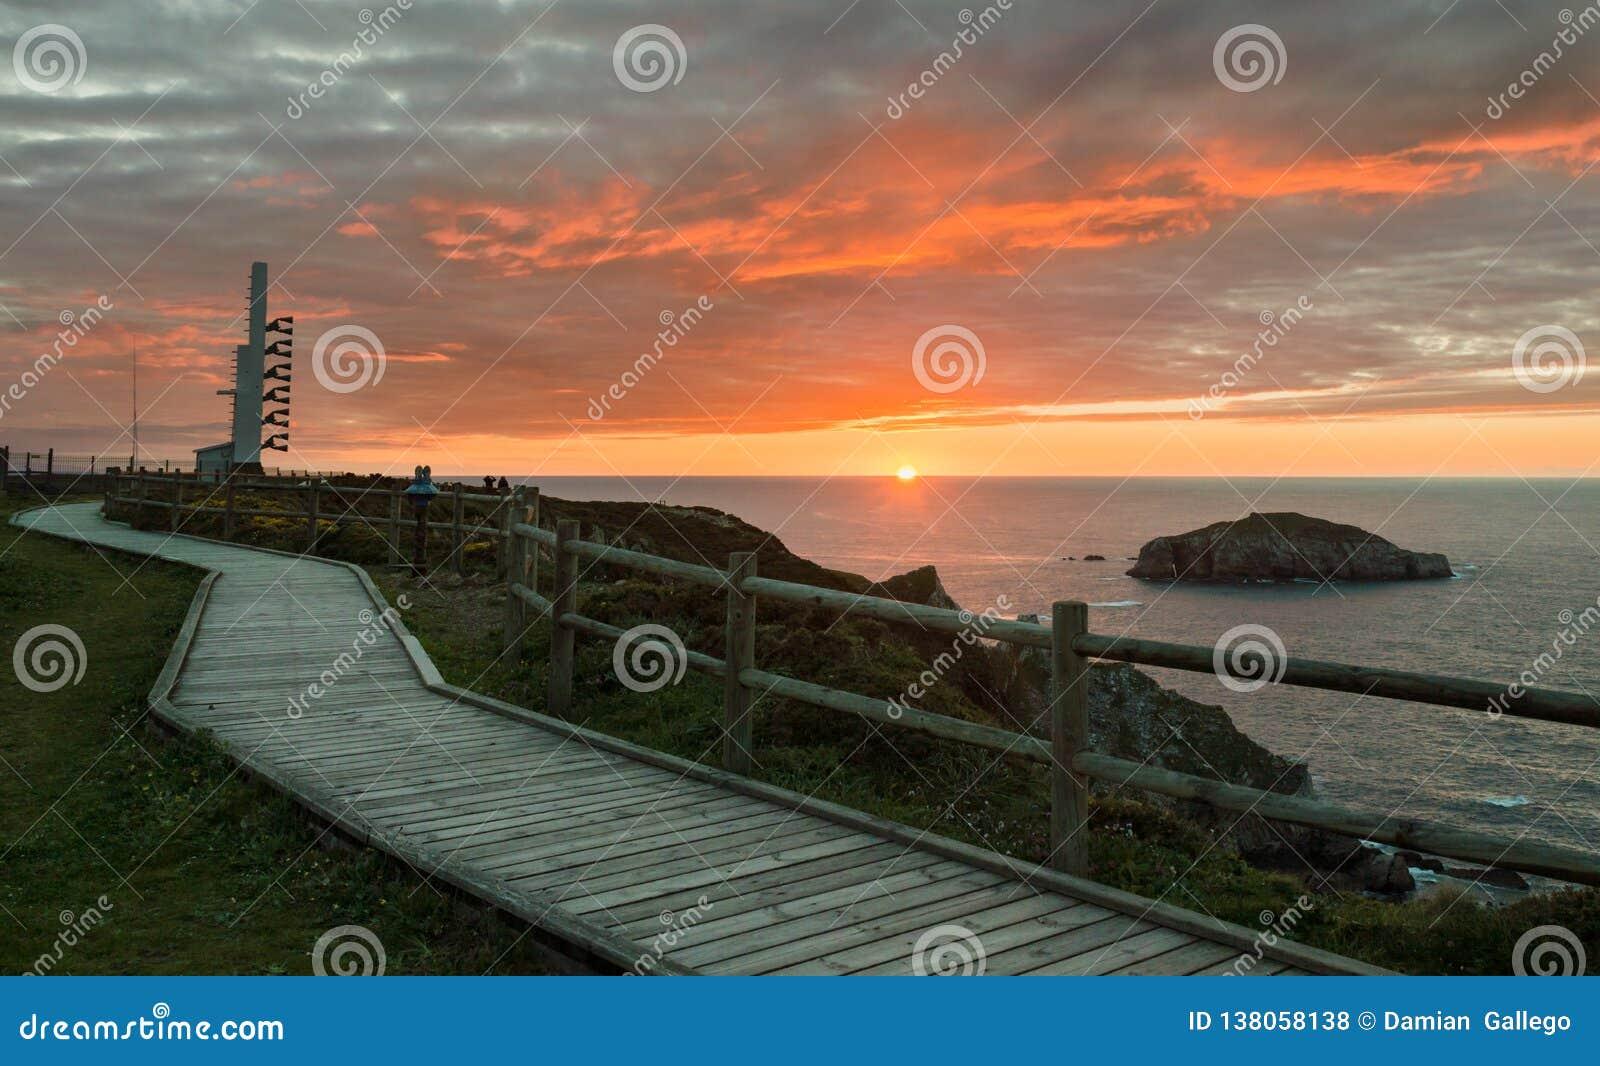 警告号角和木走道在灯塔Peñas海角附近在阿斯图里亚斯,西班牙的美丽的日落海岸